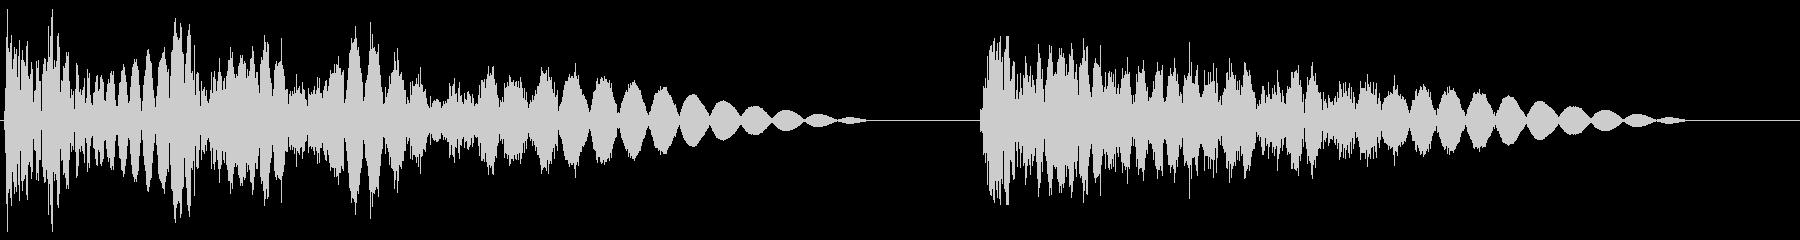 ドガッバッ(2連打撃と強撃1撃)の未再生の波形